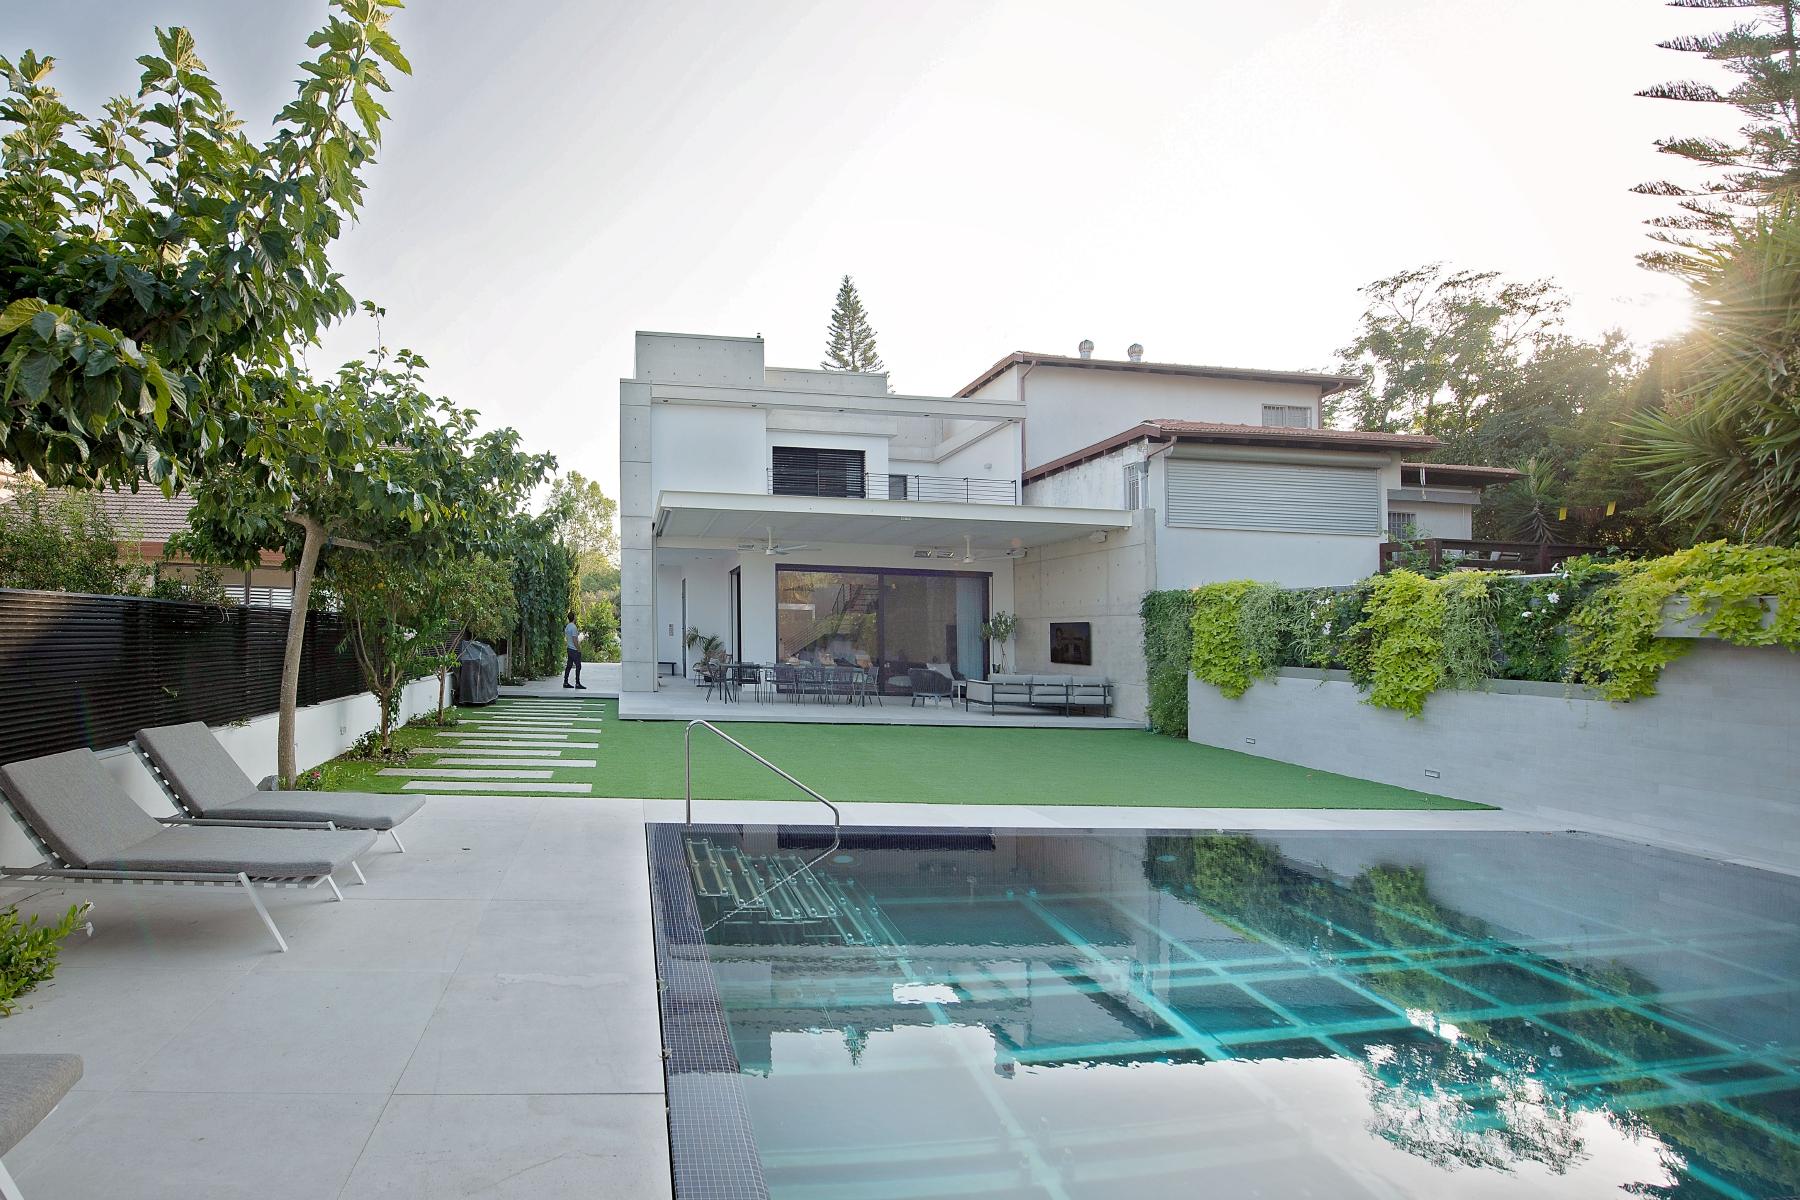 עיצוב בתים פרטיים - דניאל וקנין